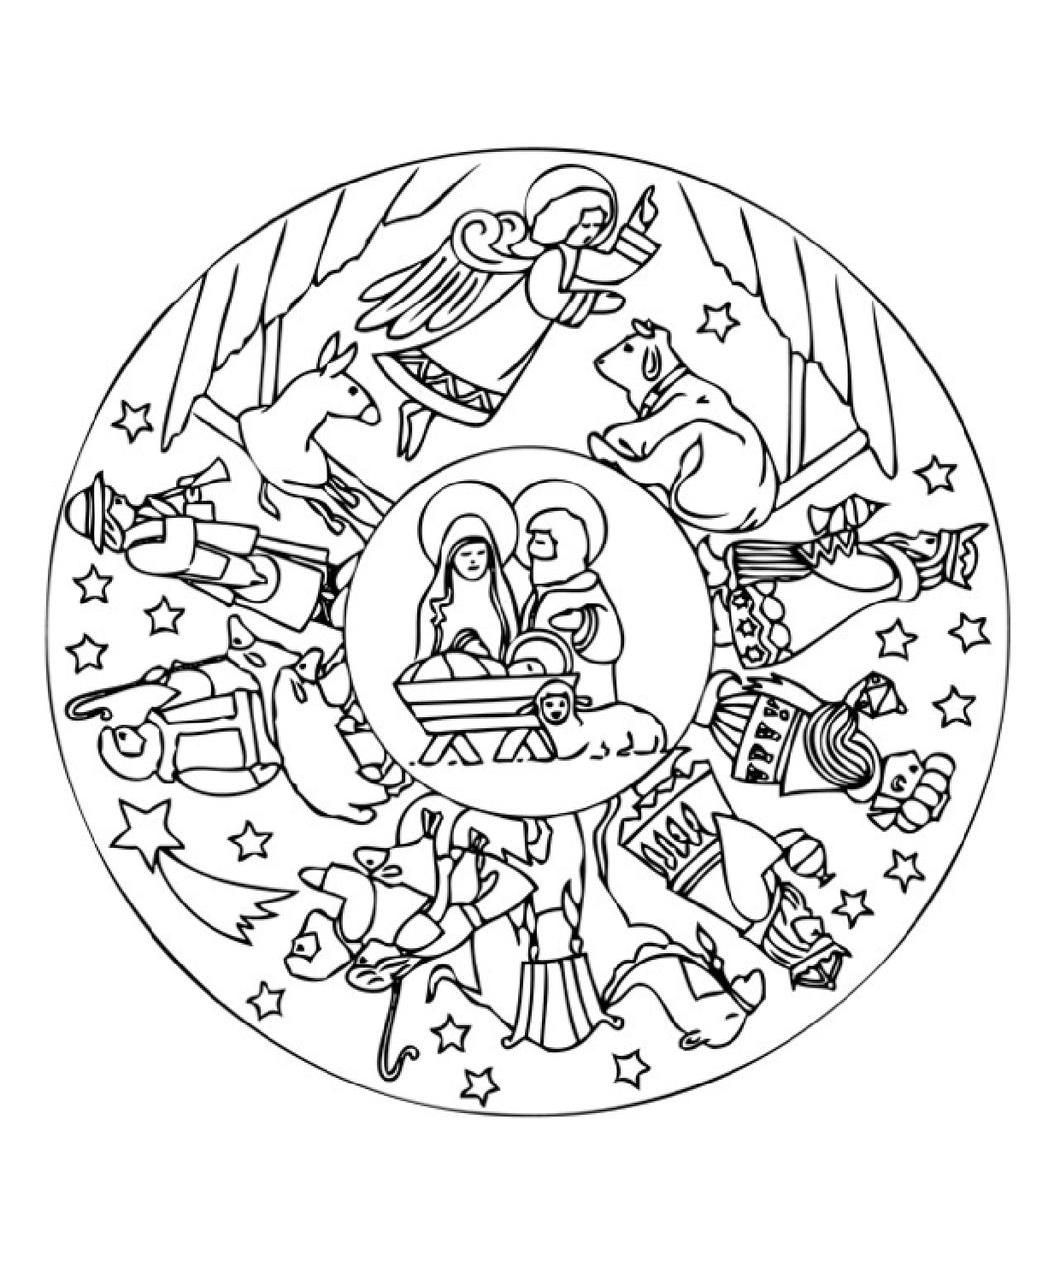 Kleurplaten Sinterklaas Mandala.Kleurplaten Dolfijnen Mandala Krijg Duizenden Kleurenfoto S Van De